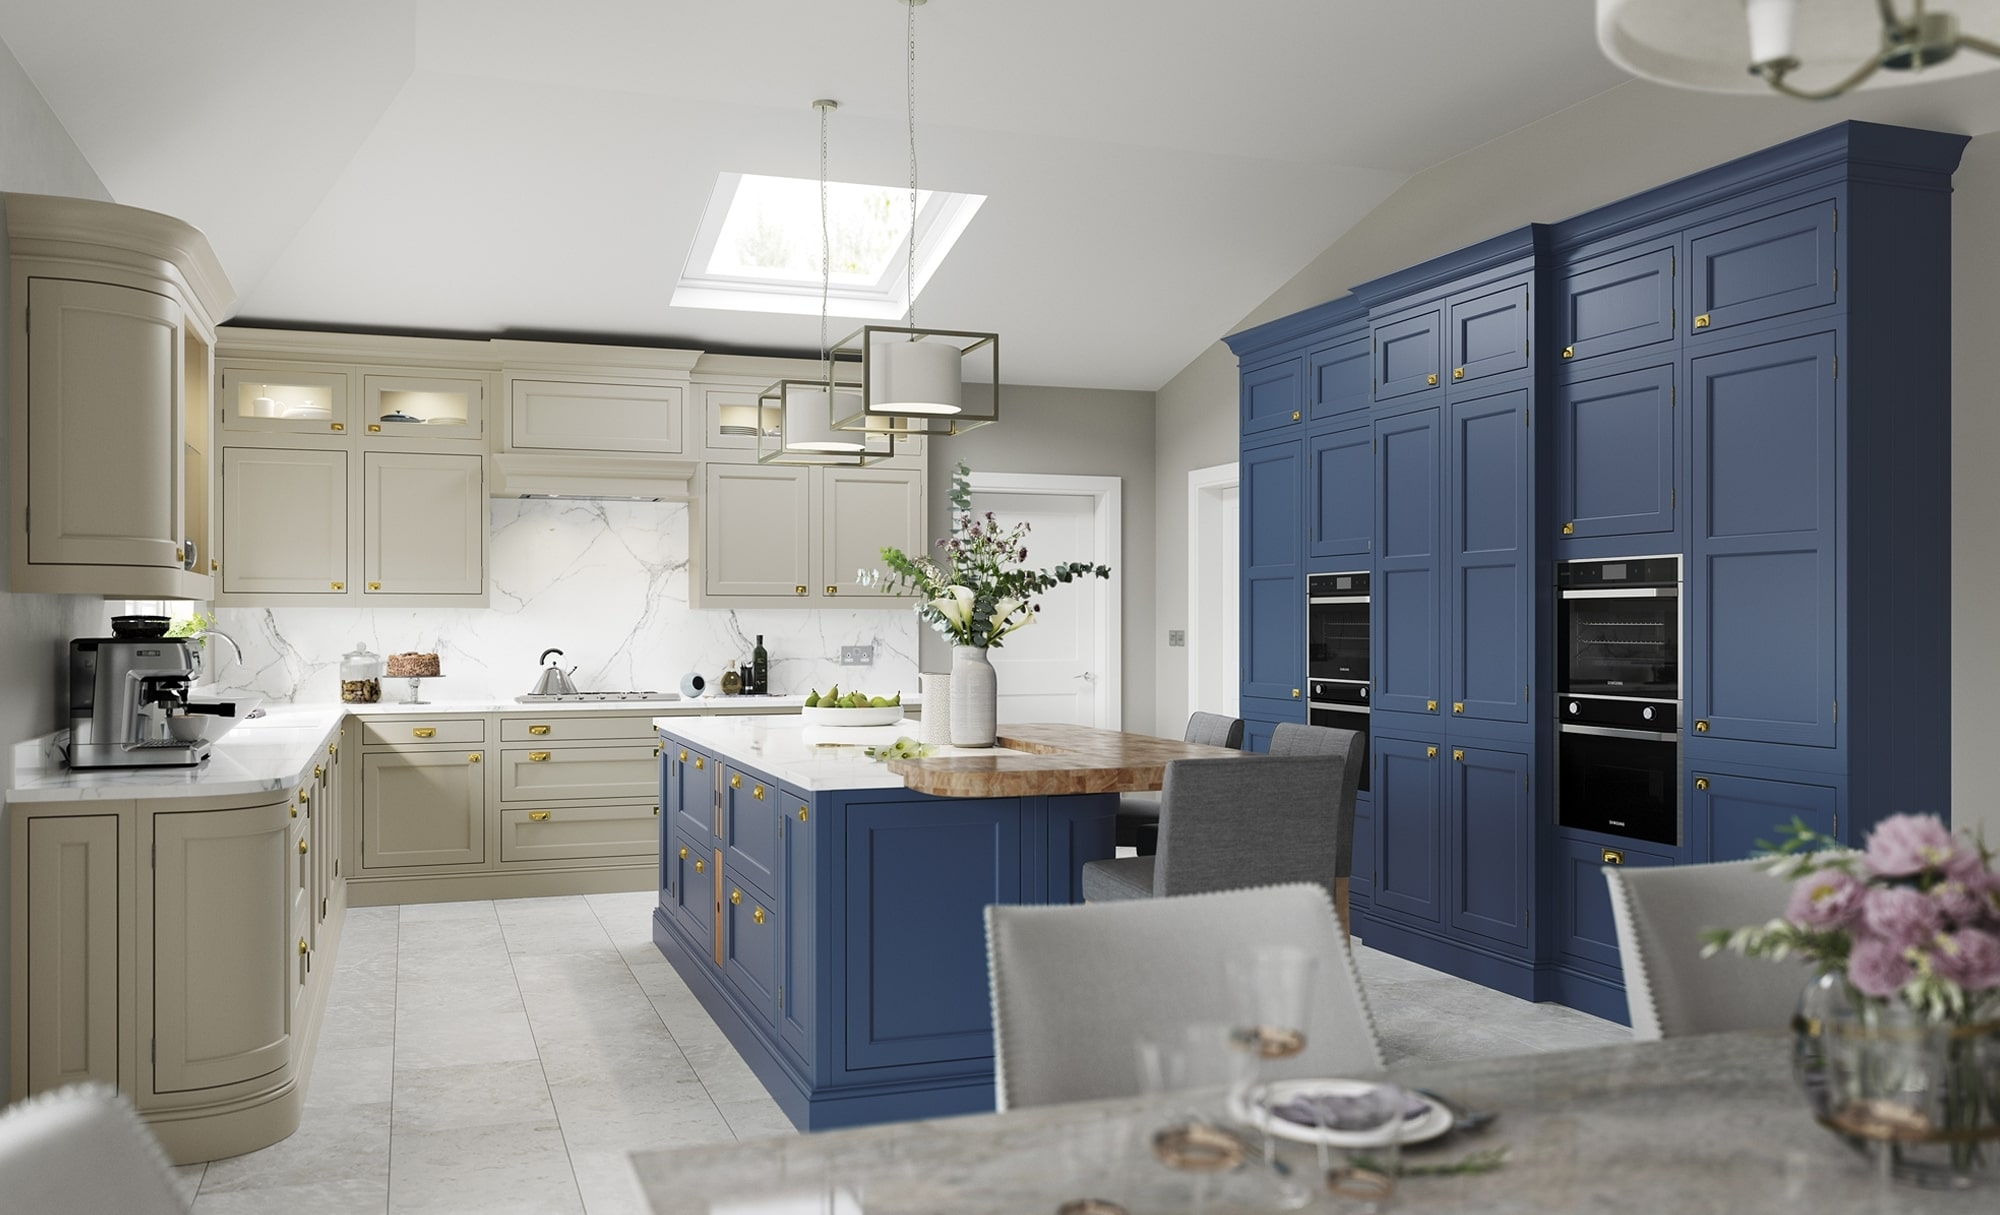 Traditional Classic Belgravia Kitchen in Stone & Parisian Blue